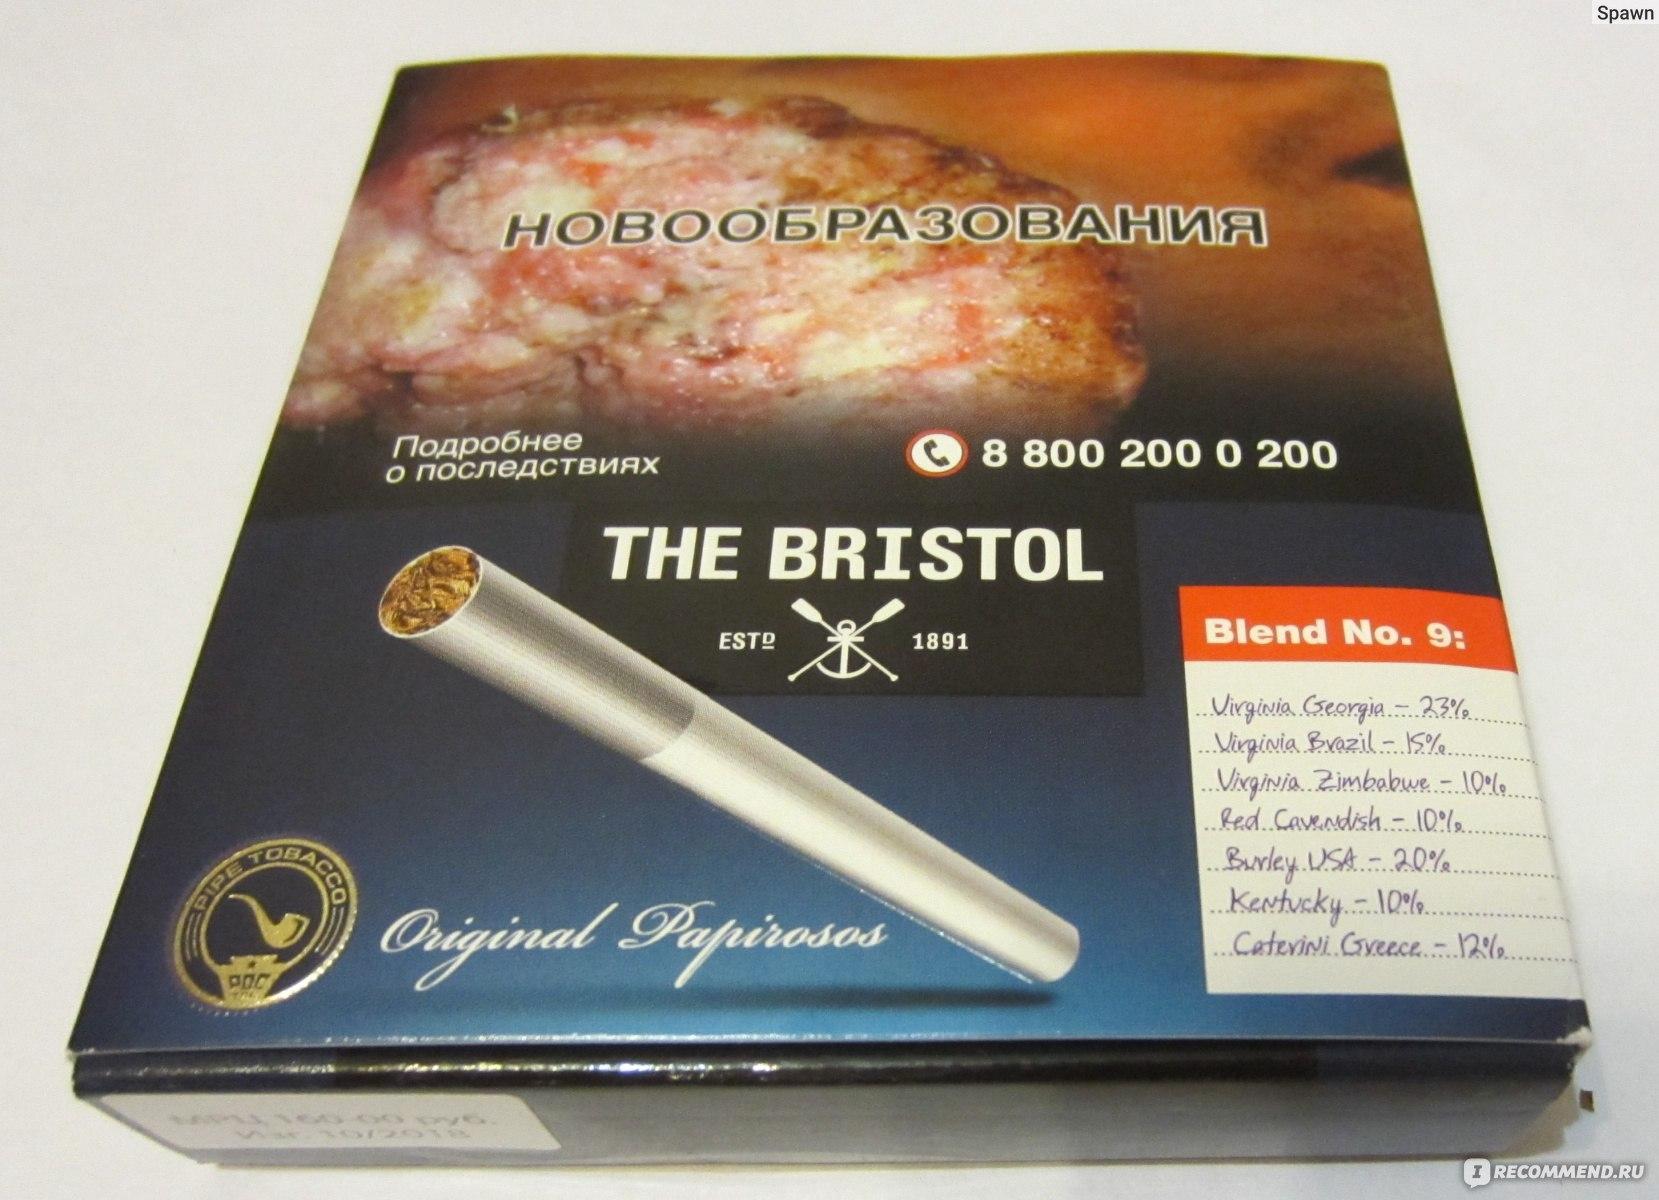 Цены на табачные изделия бристоль где купить дешевые сигареты в спб форум